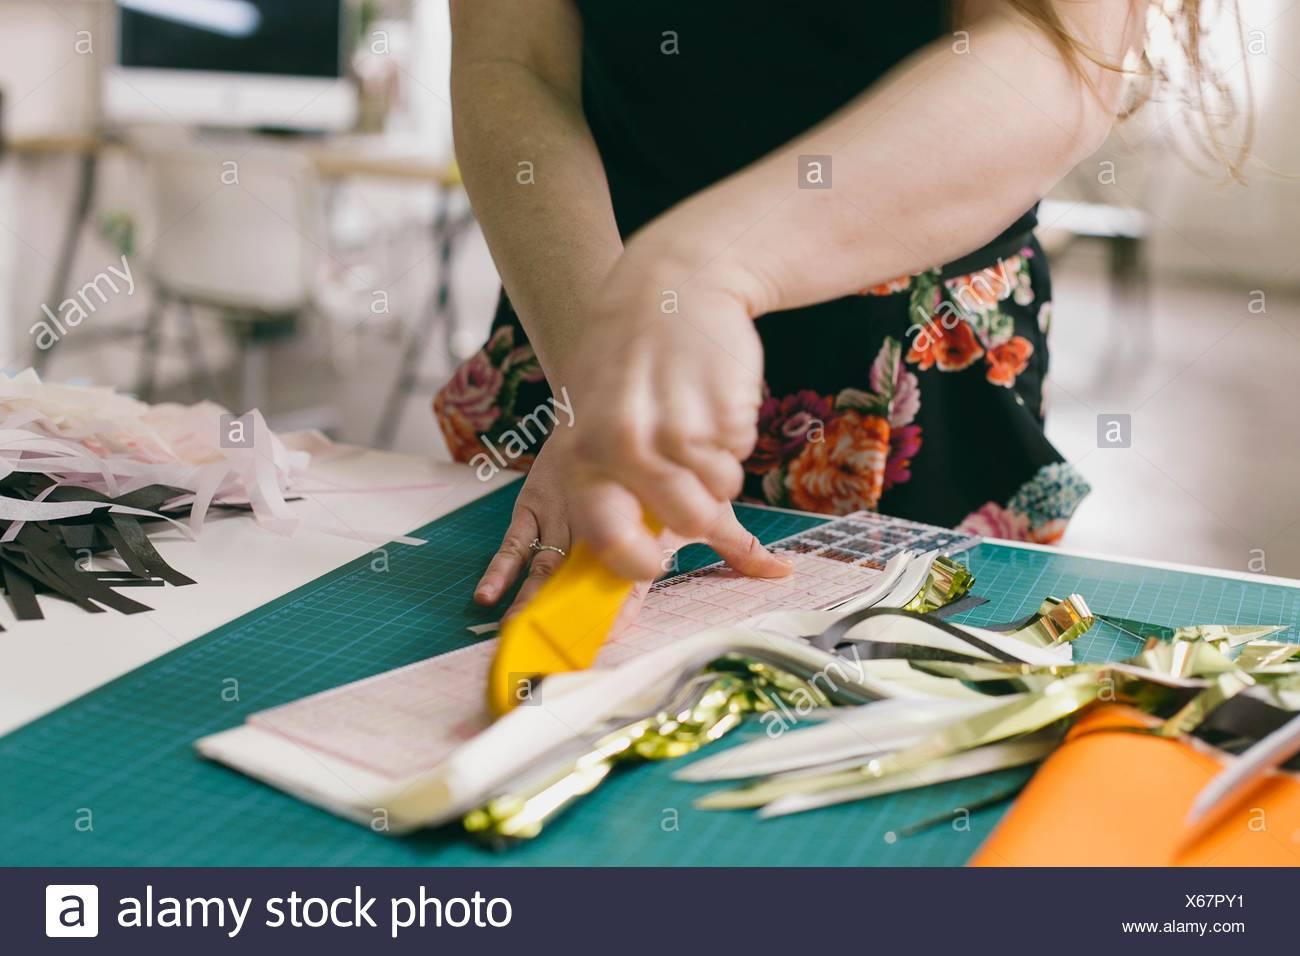 Close up of female textile designer cutting textiles in design studio - Stock Image